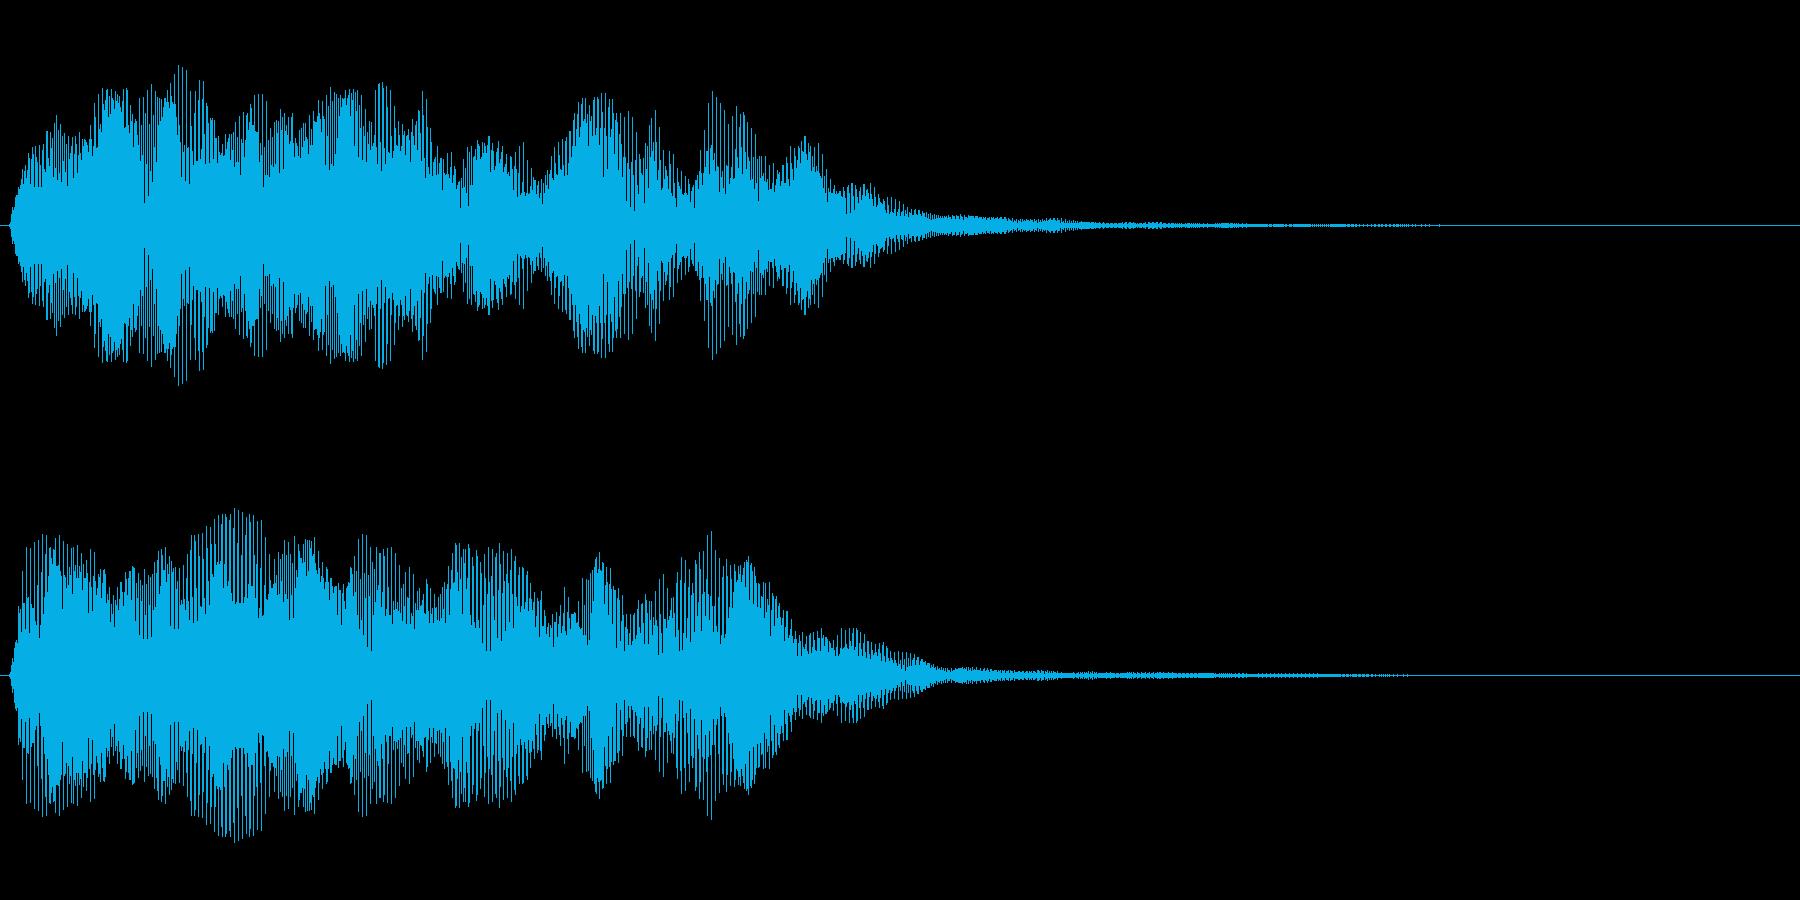 ボーという音をノイズで包んだような音の再生済みの波形